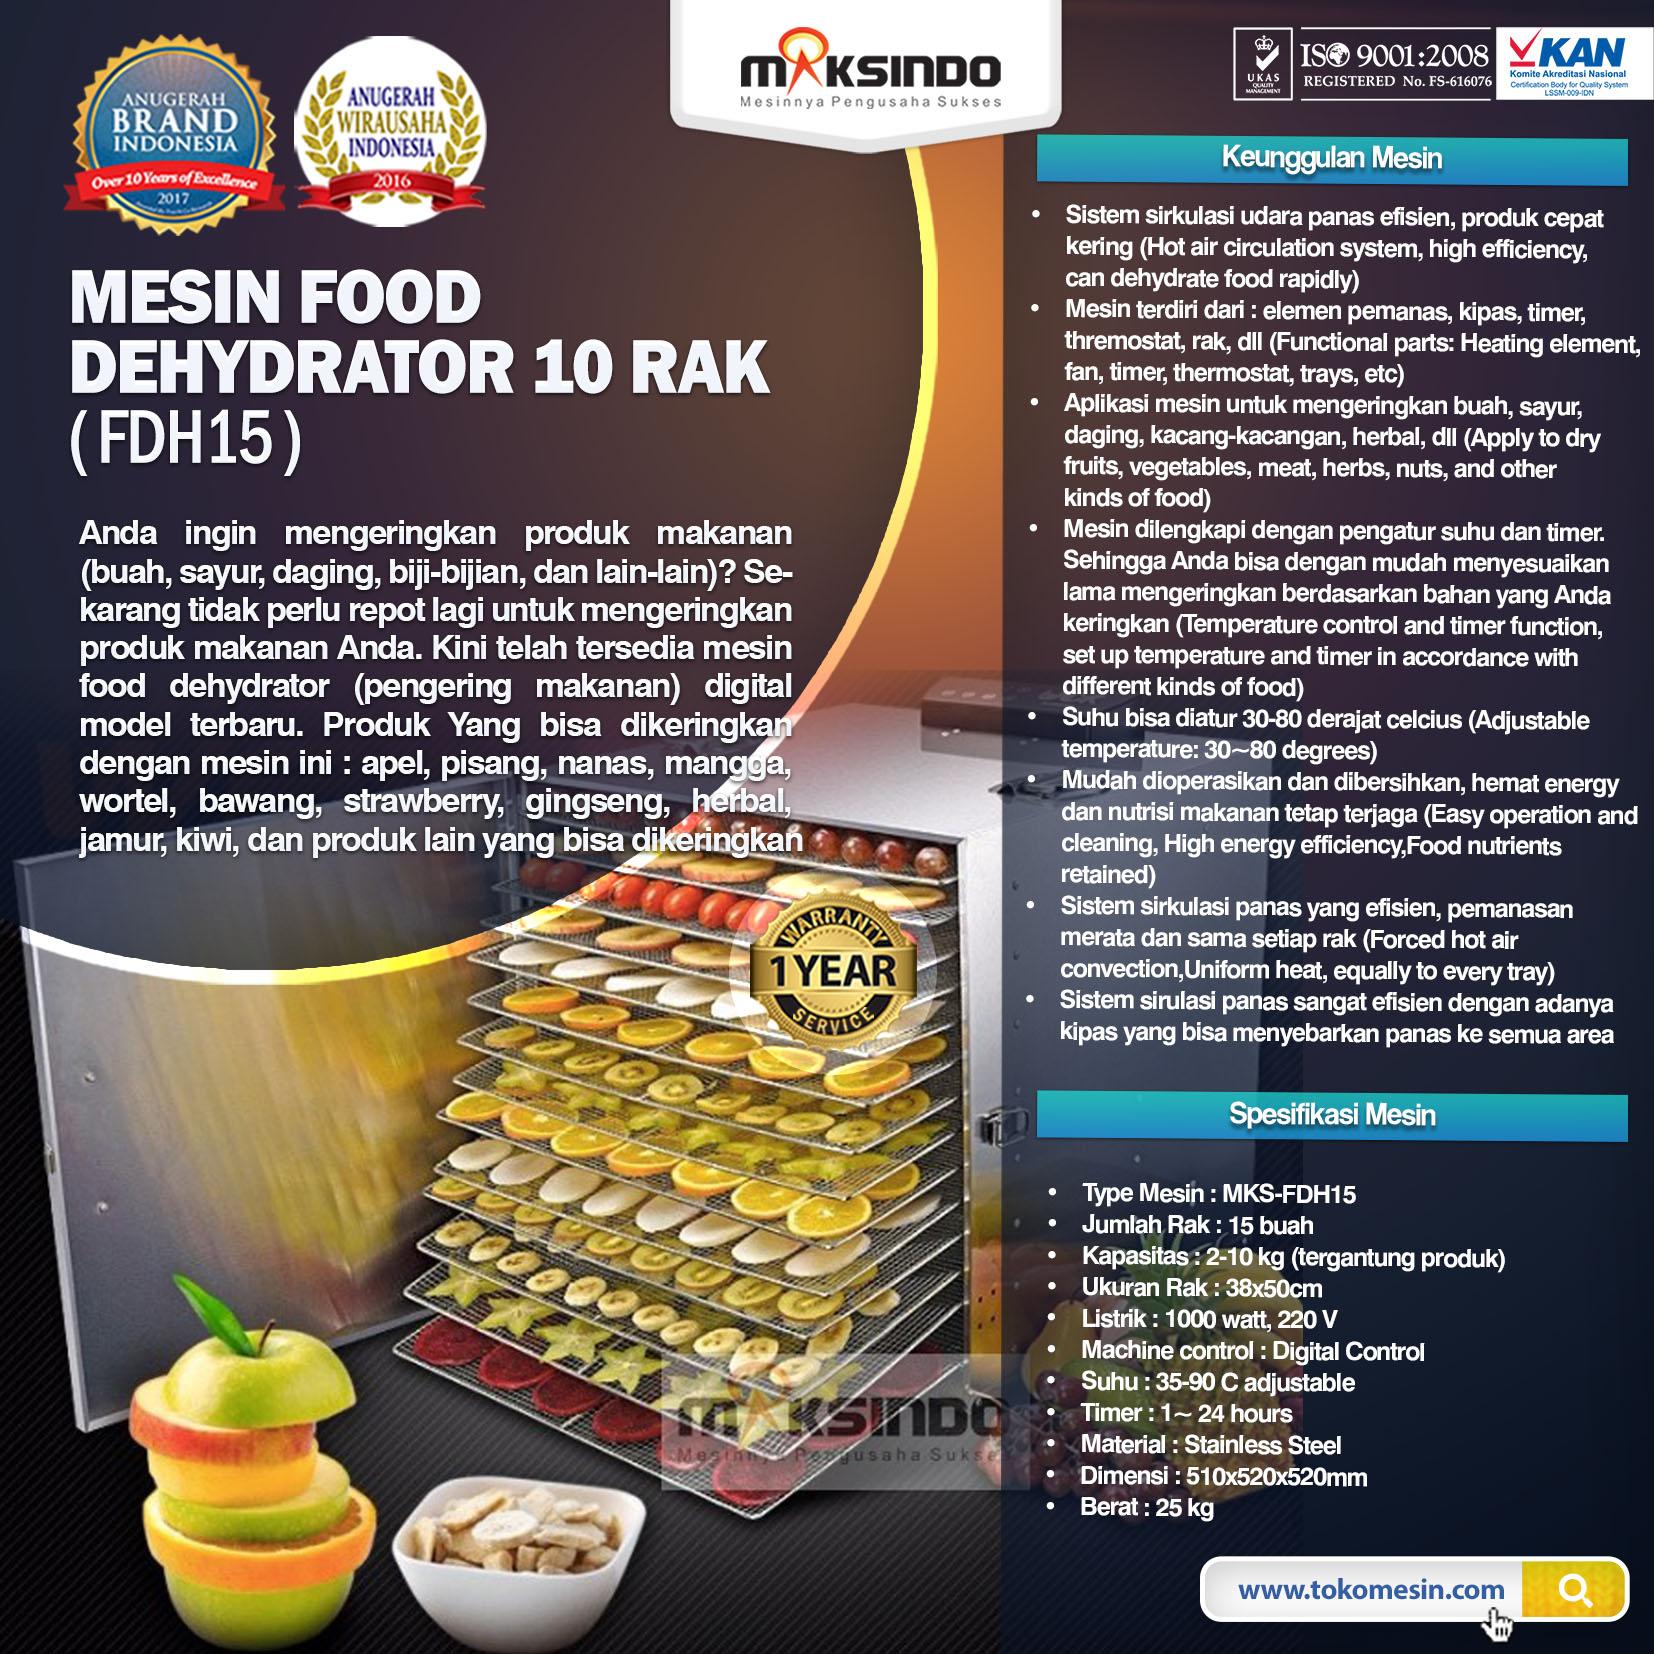 Jual Mesin Food Dehydrator 15 Rak (FDH15) di Bekasi